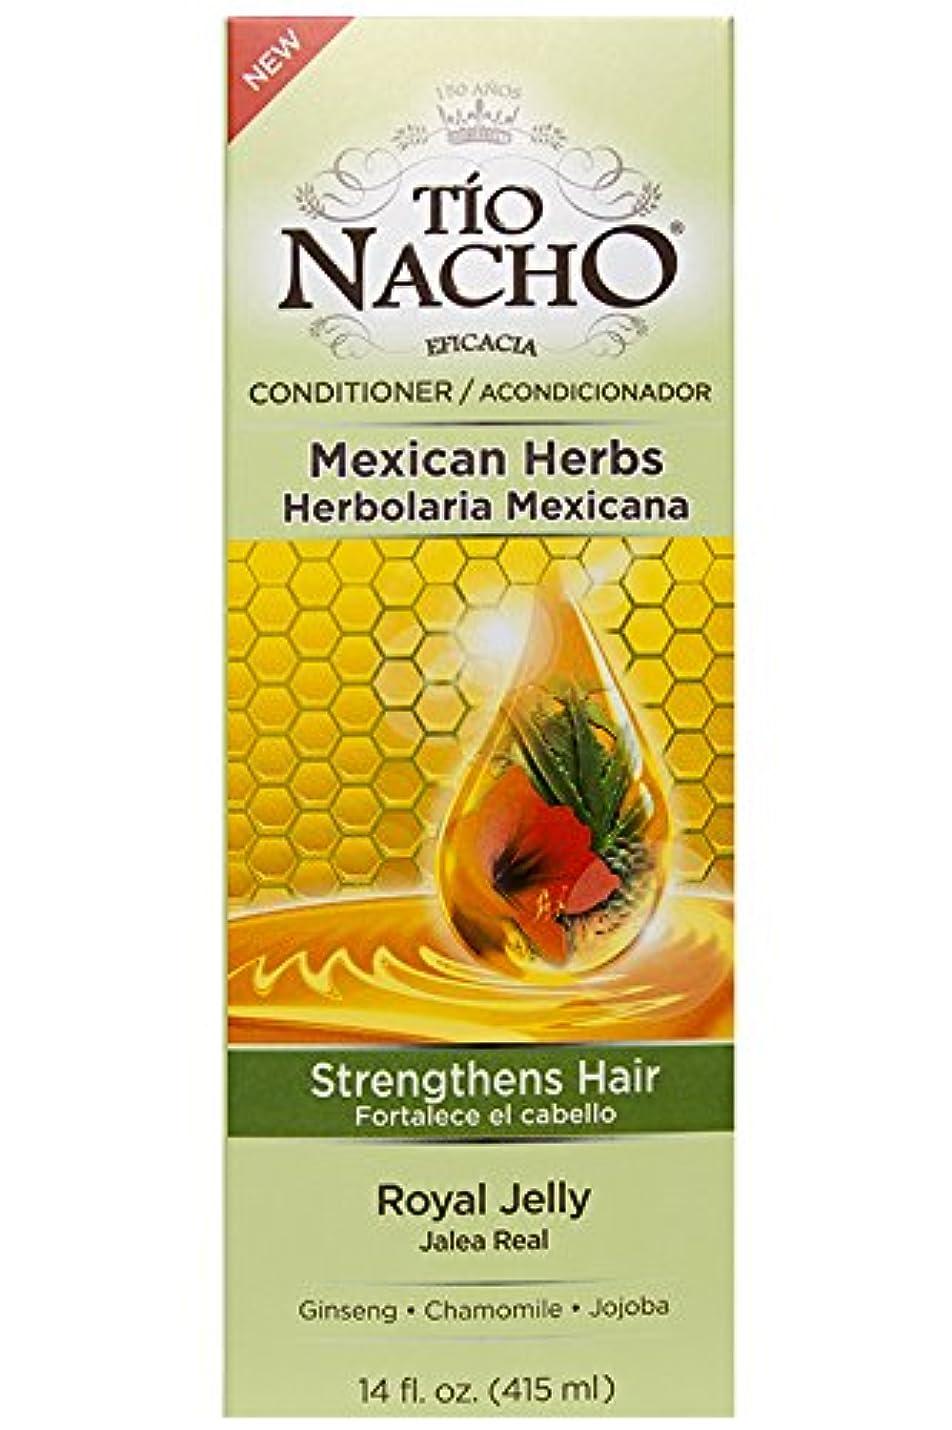 パッケージ優しさ今晩Tio Nacho ローヤルゼリー、高麗人参、アロエベラ、小麦、ホホバ、14オンスコンディショナーを強化メキシコハーブの髪。